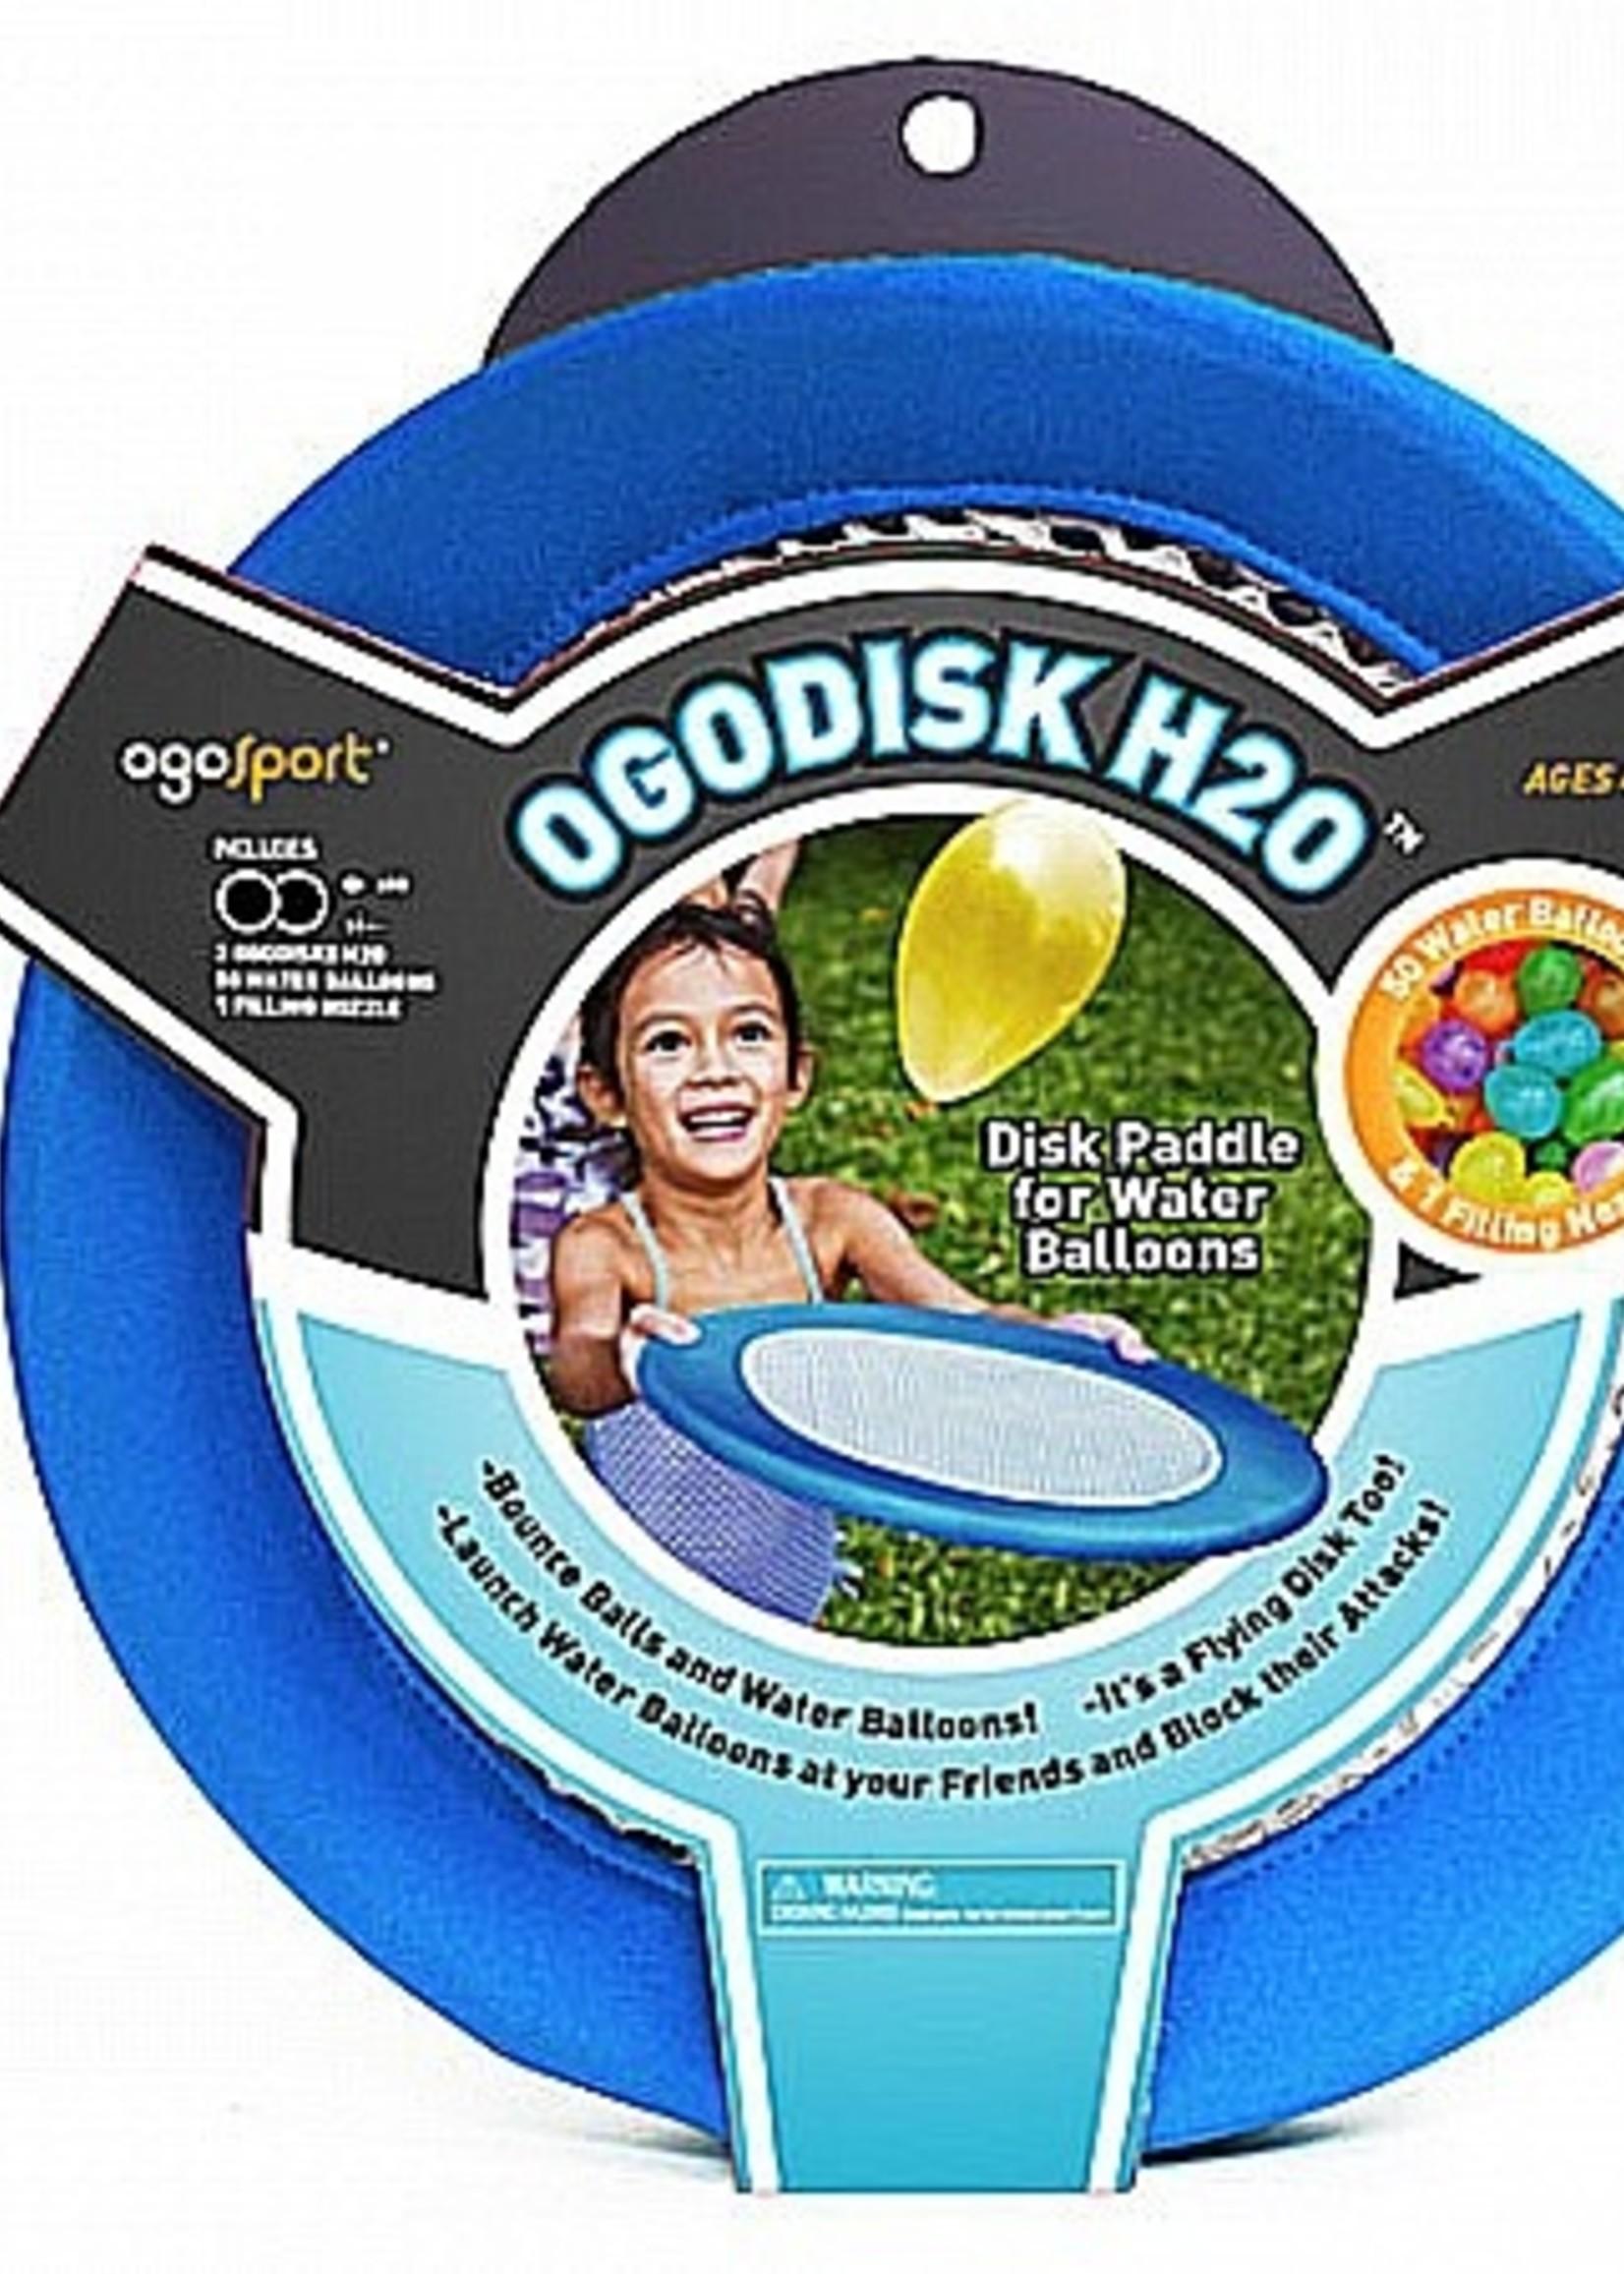 Ogo Sport OgoDisk H20